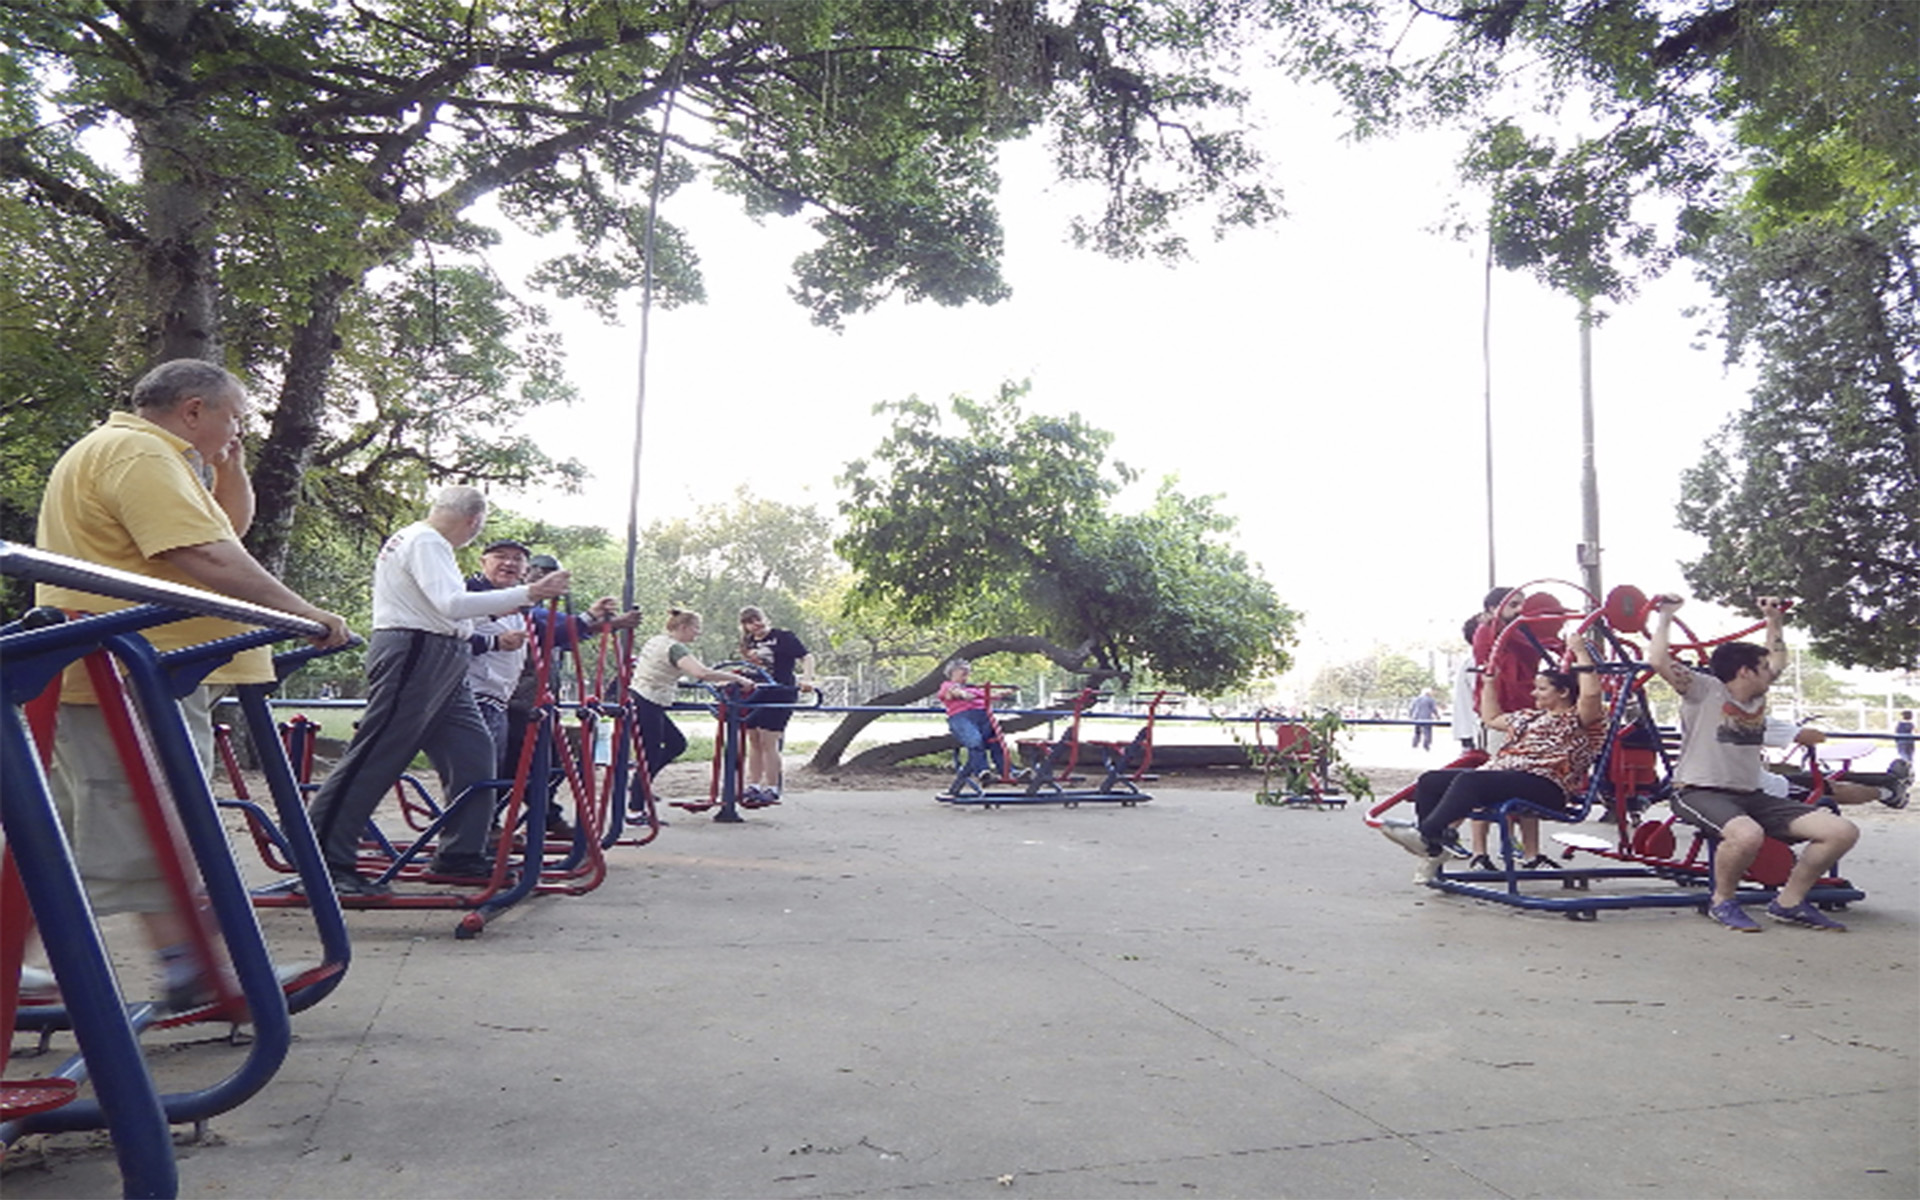 Academia de ginástica ao ar livre